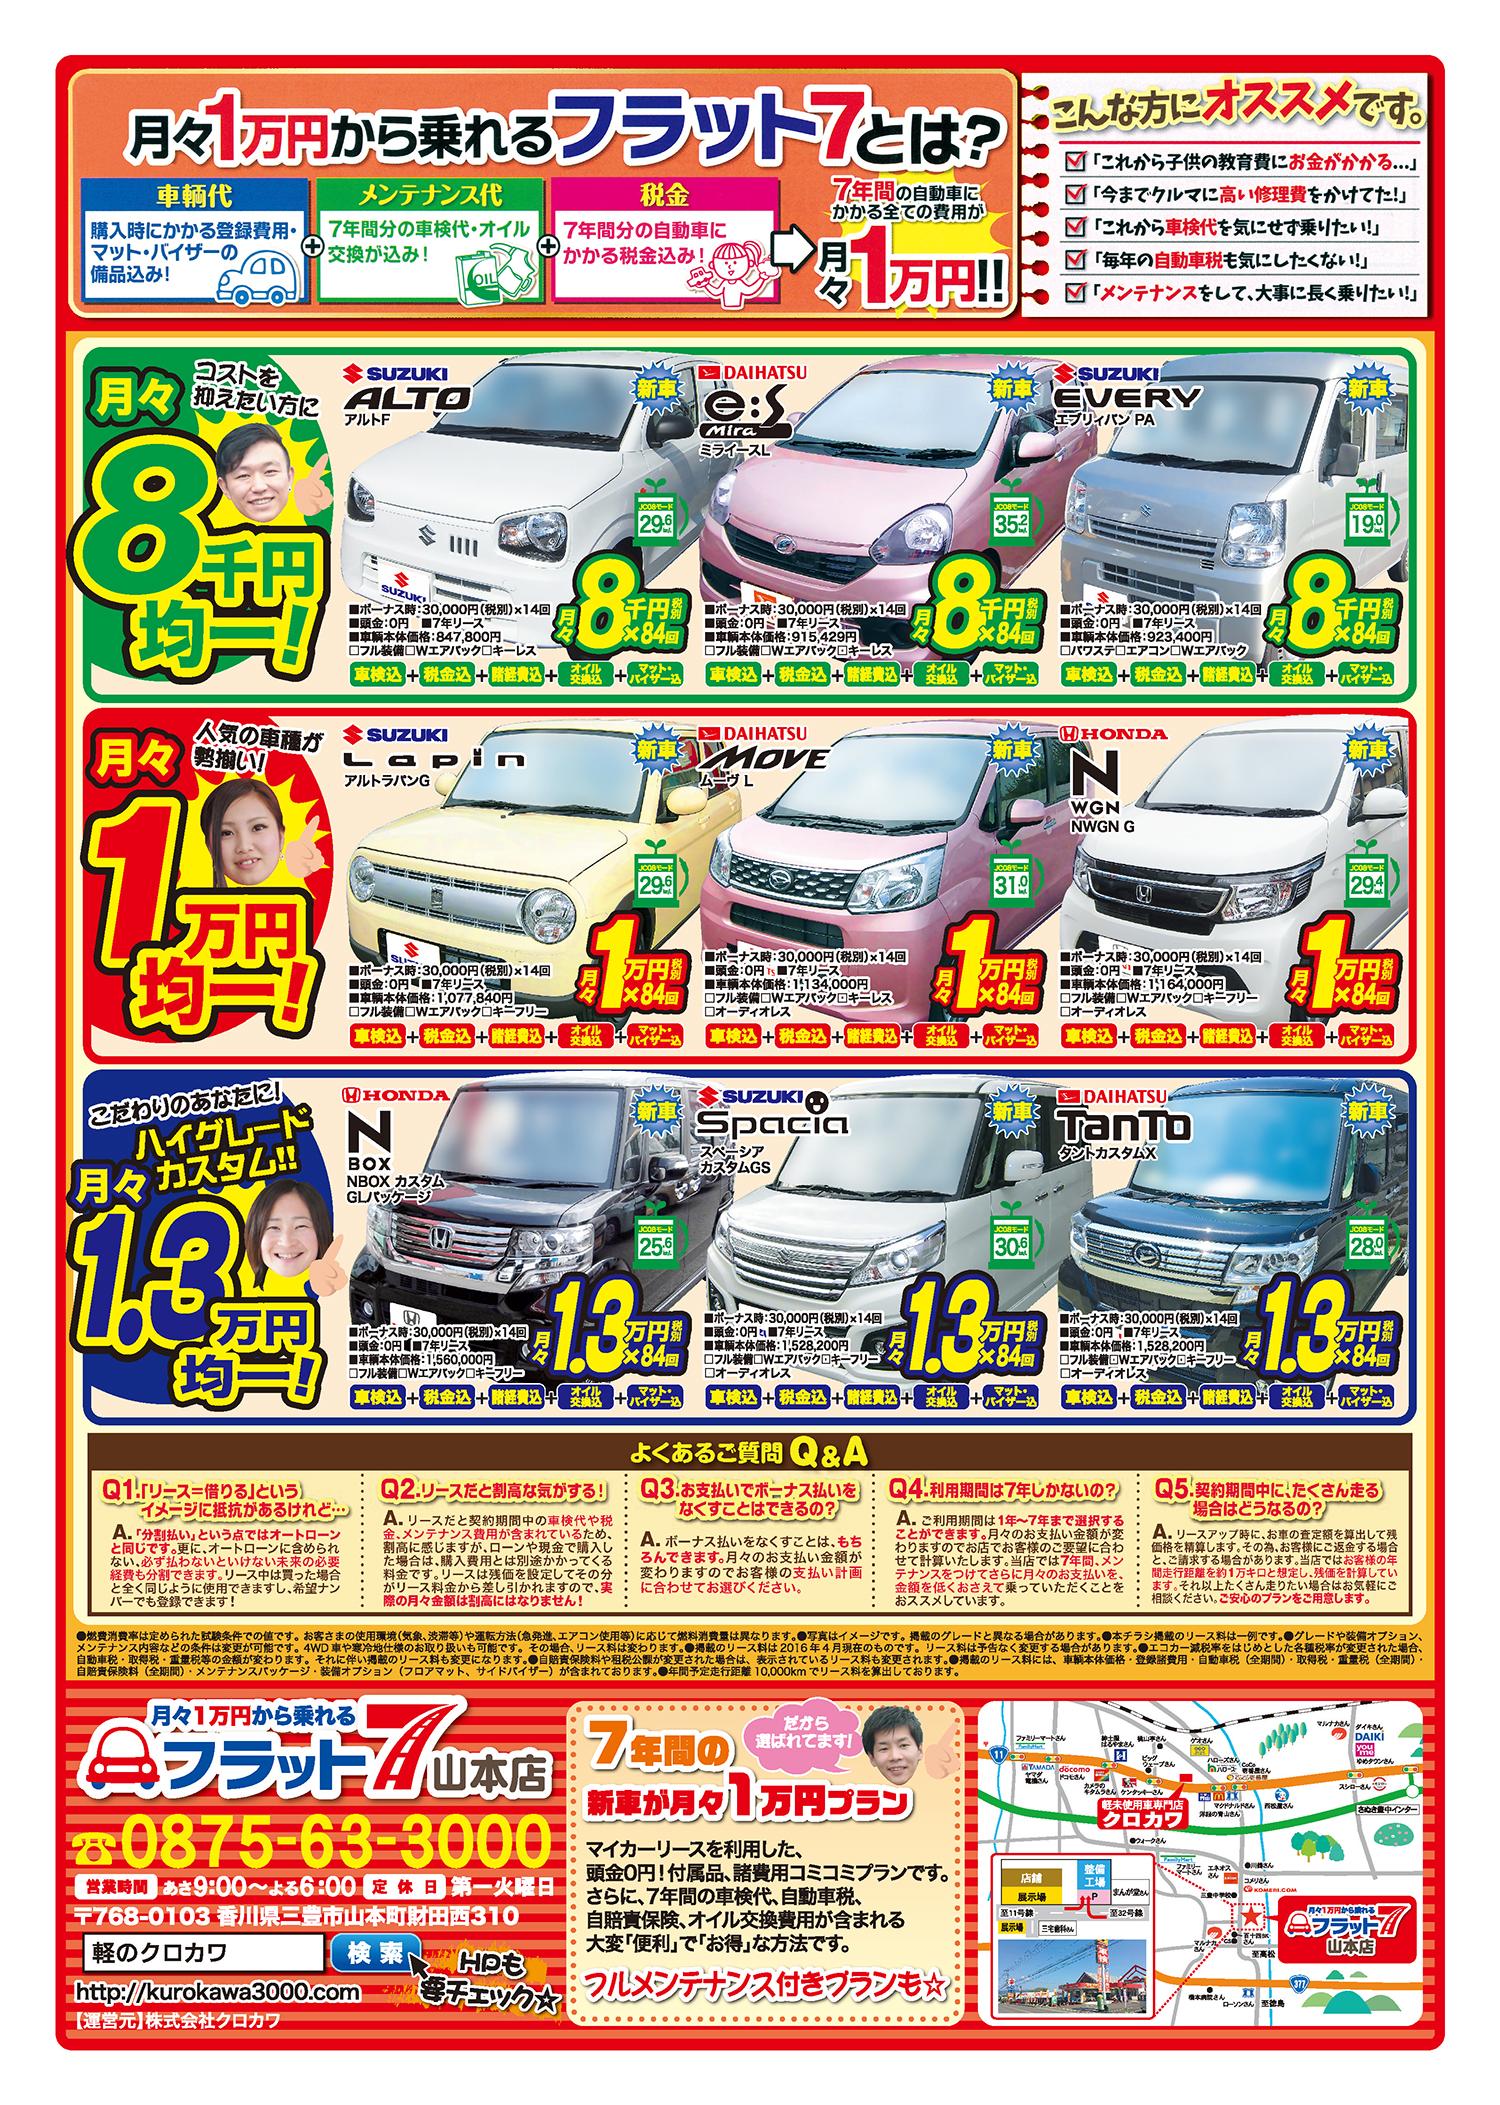 新車の軽自動車が7年間月々1万円でずっと乗れる!フラット7